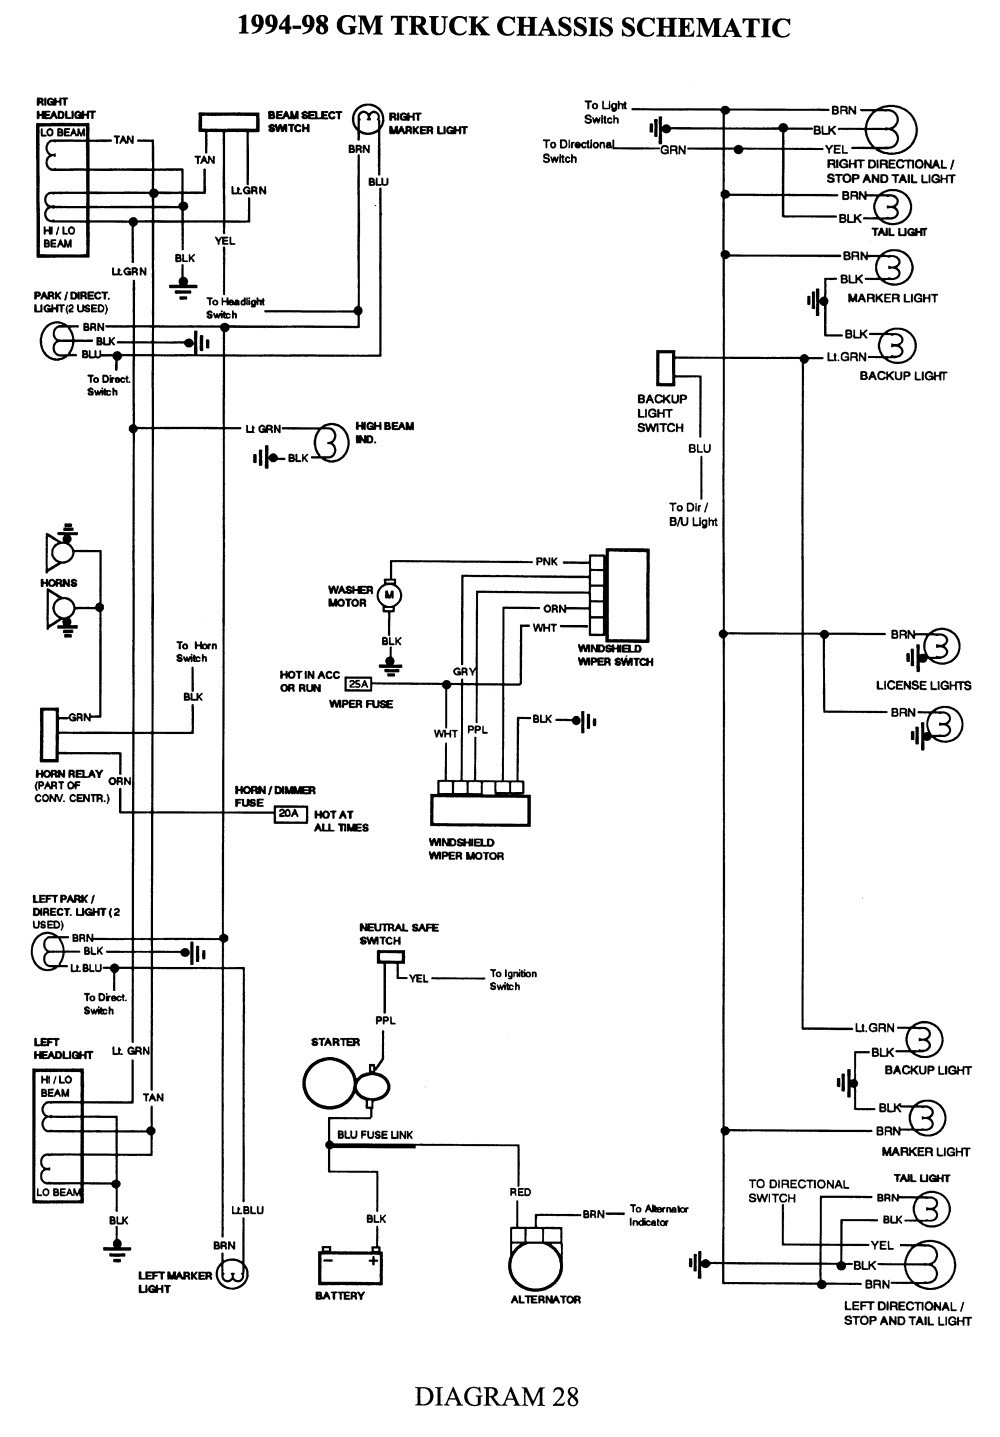 Gm 7 Way Wiring Diagram 2006 Data Wiring Diagram